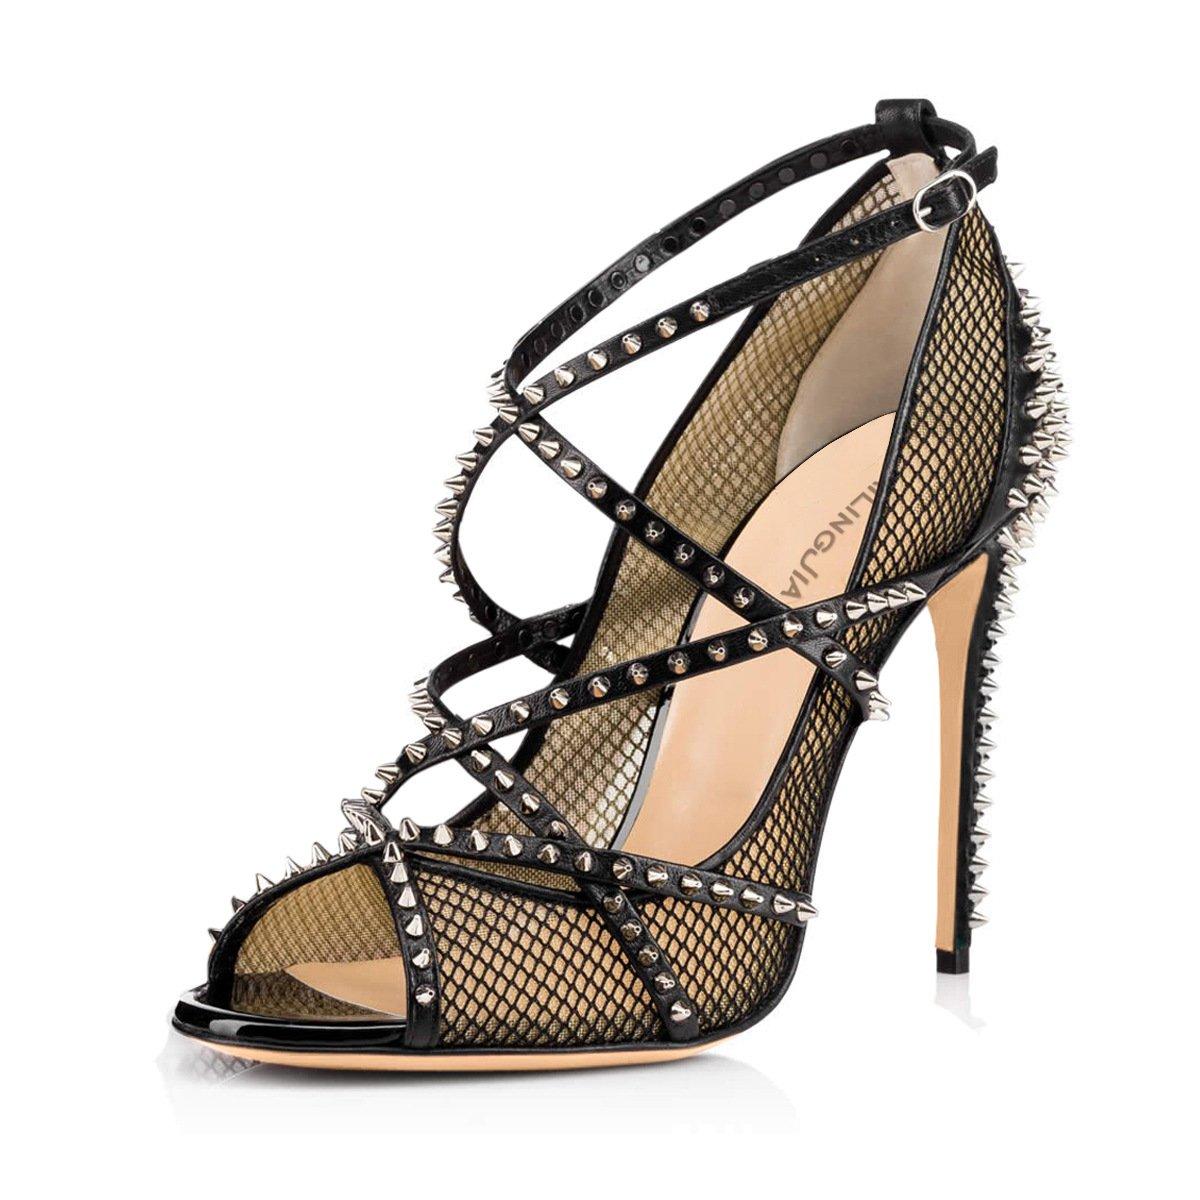 CAI Frauen High Heel Heel High Kunstleder 2018 Sommer Neue Sexy Schwarz/Gold Fischnetz High Heel Rivet Sandalen Damen Nude Fisch Mund Schuhe (Farbe : Schwarz, Größe : 36) - 3777d6